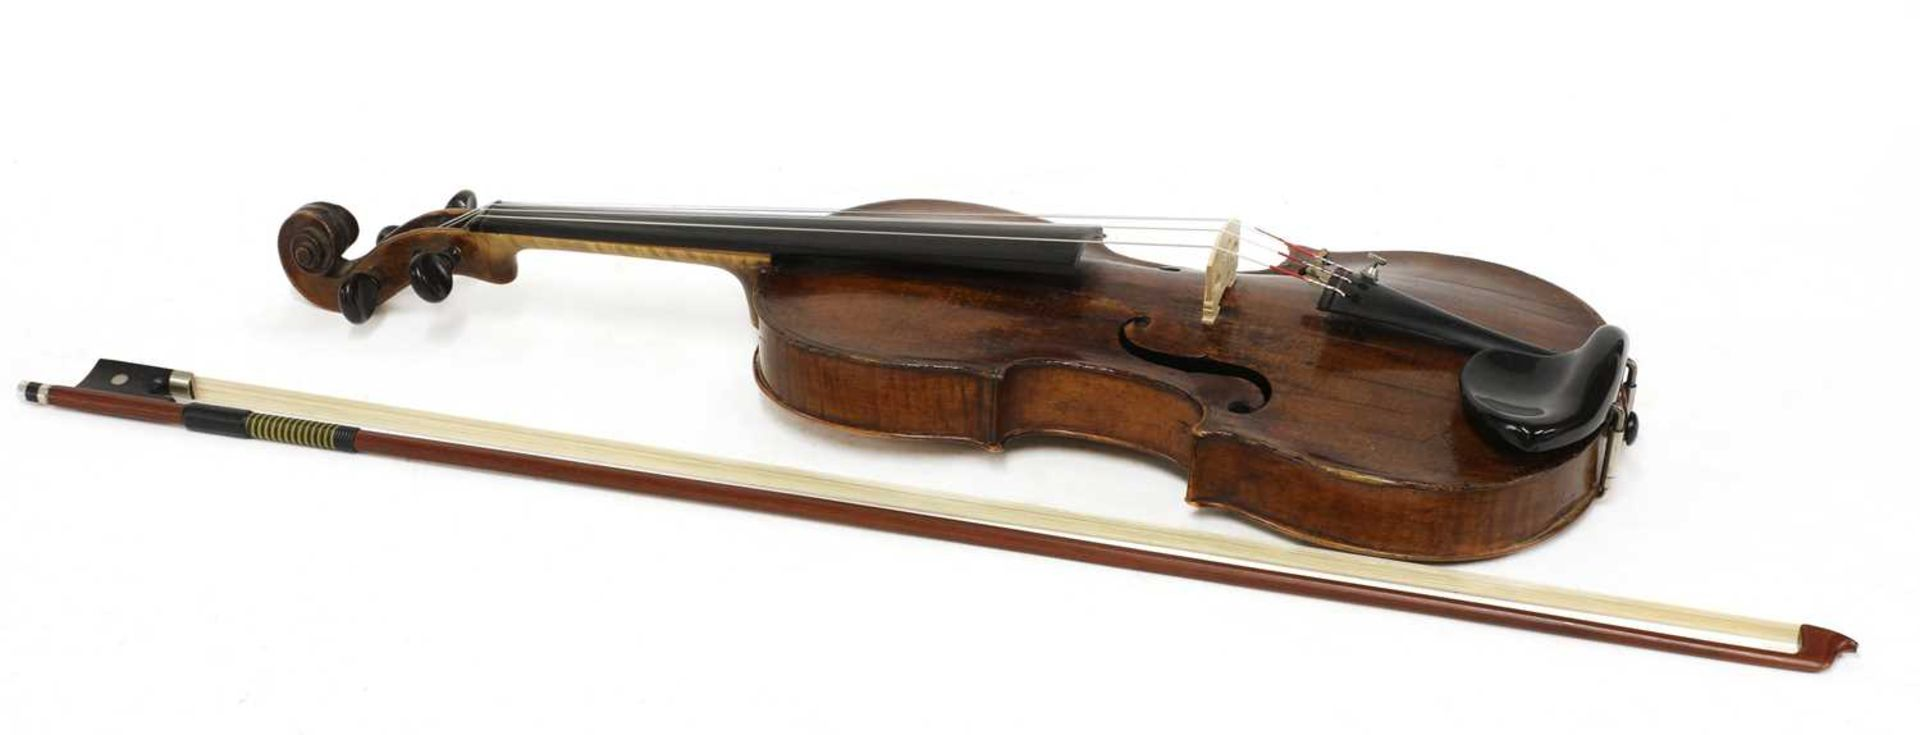 A violin, - Image 2 of 6